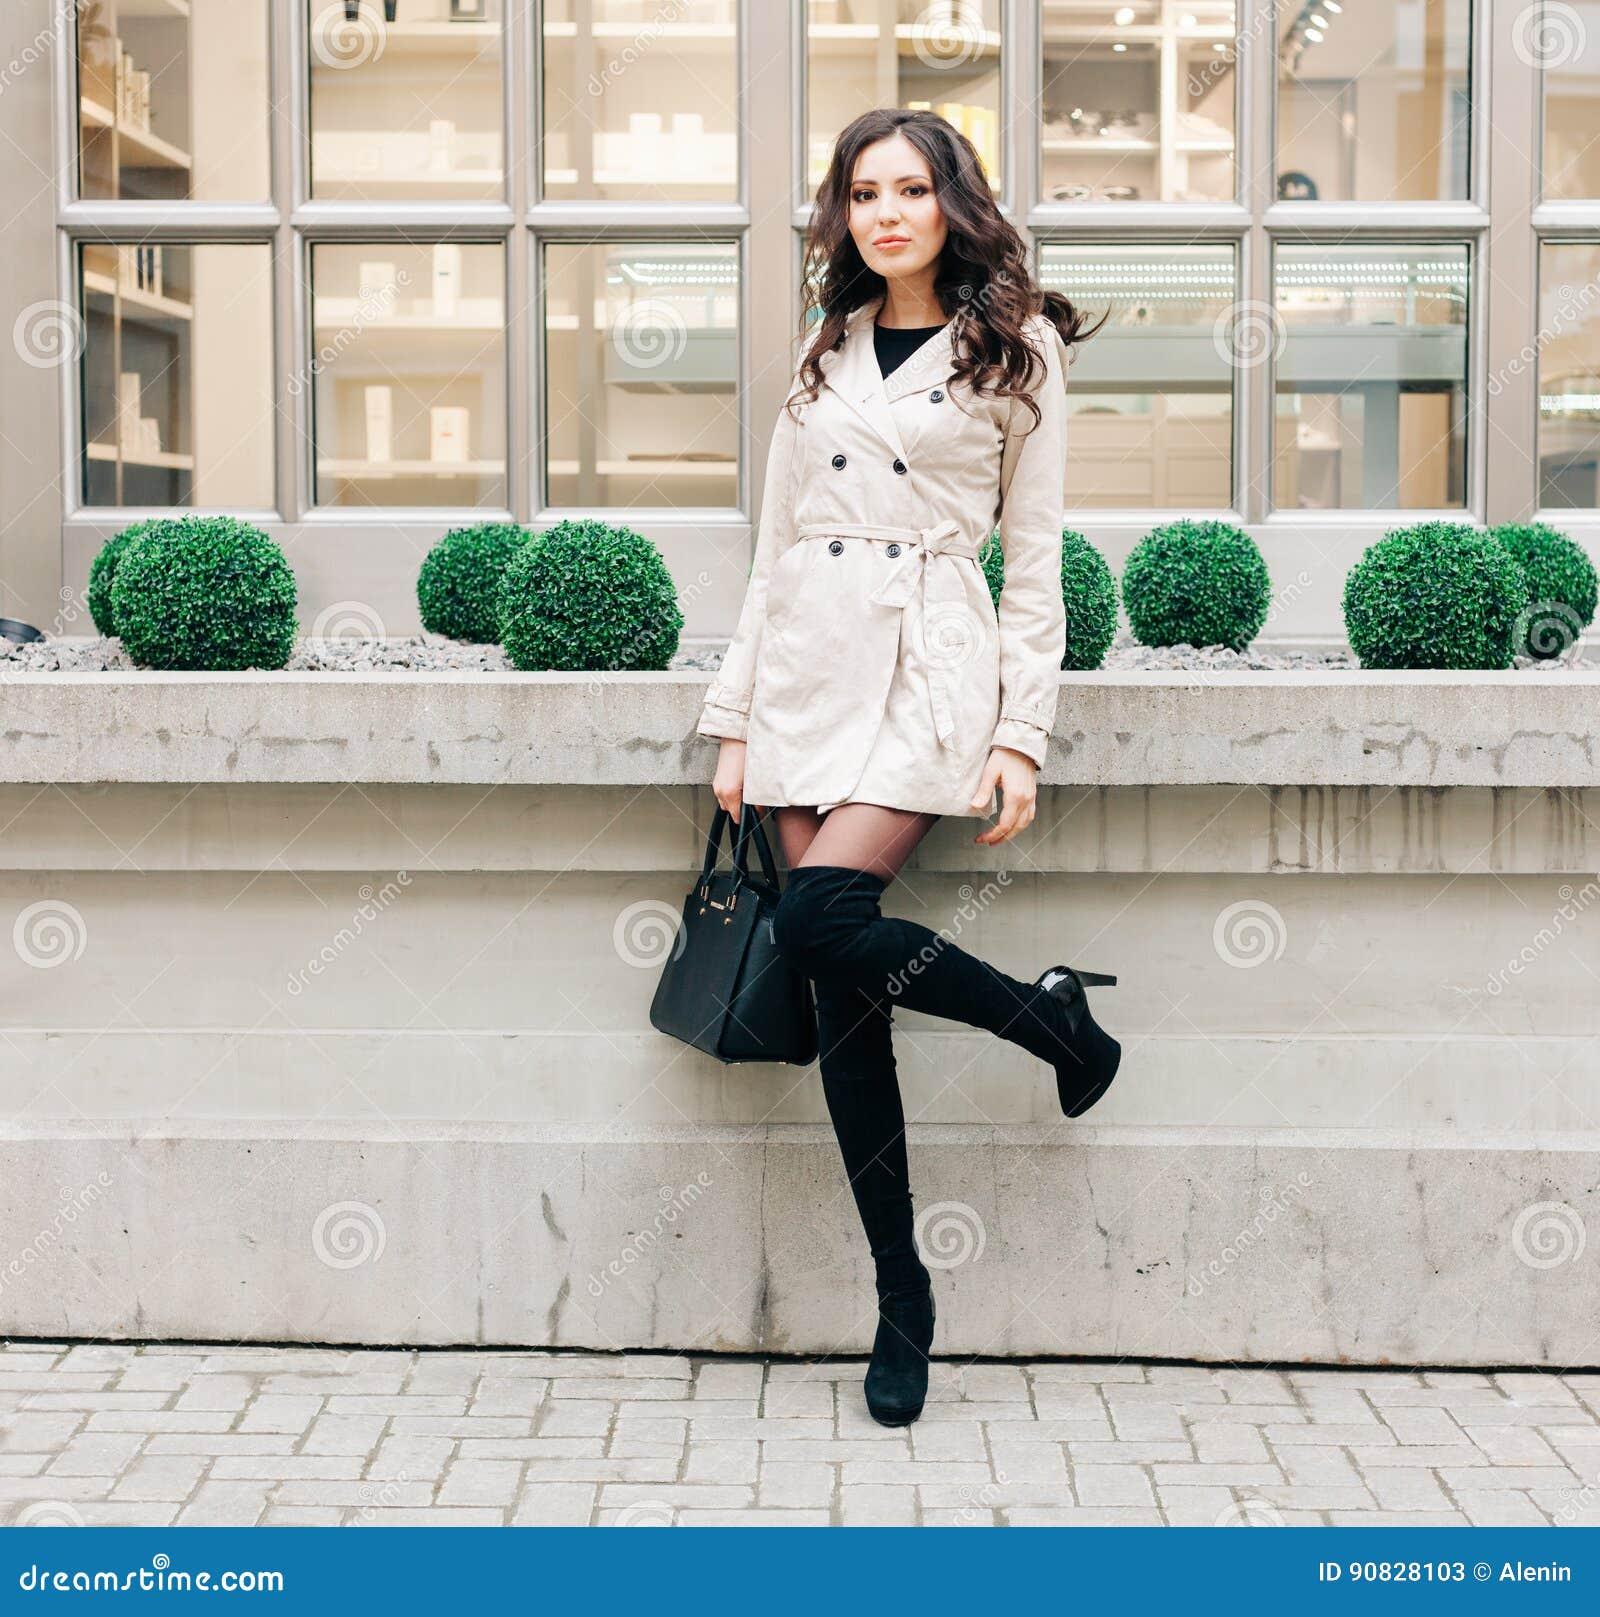 3e93d7d85aaa95 La Fille à La Mode De Brune Avec De Longs Cheveux S'est Habillée ...